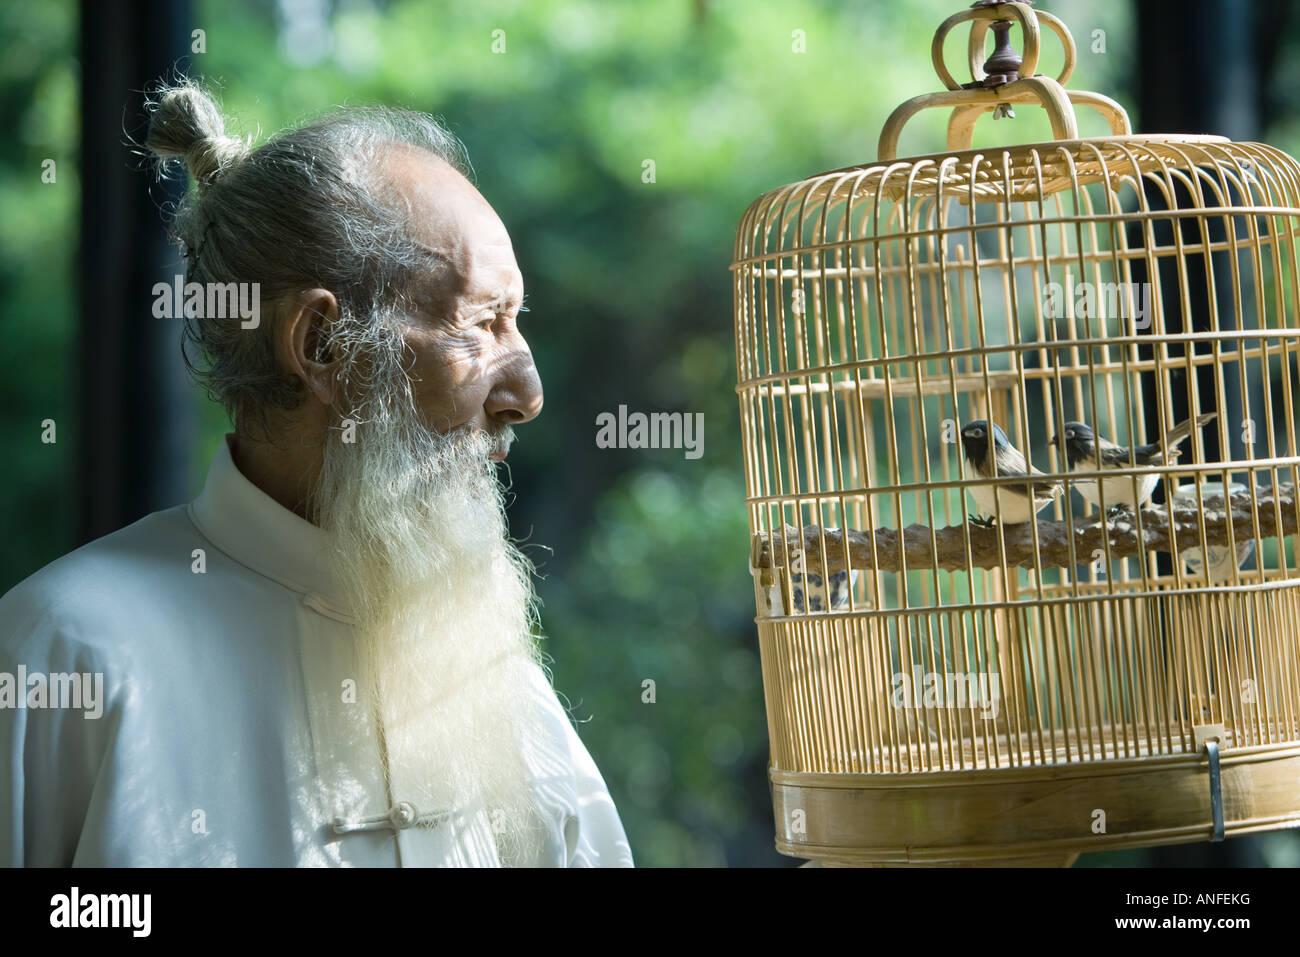 Uomo anziano che indossa il cinese tradizionale abbigliamento, guardando gli uccelli in gabbia Immagini Stock